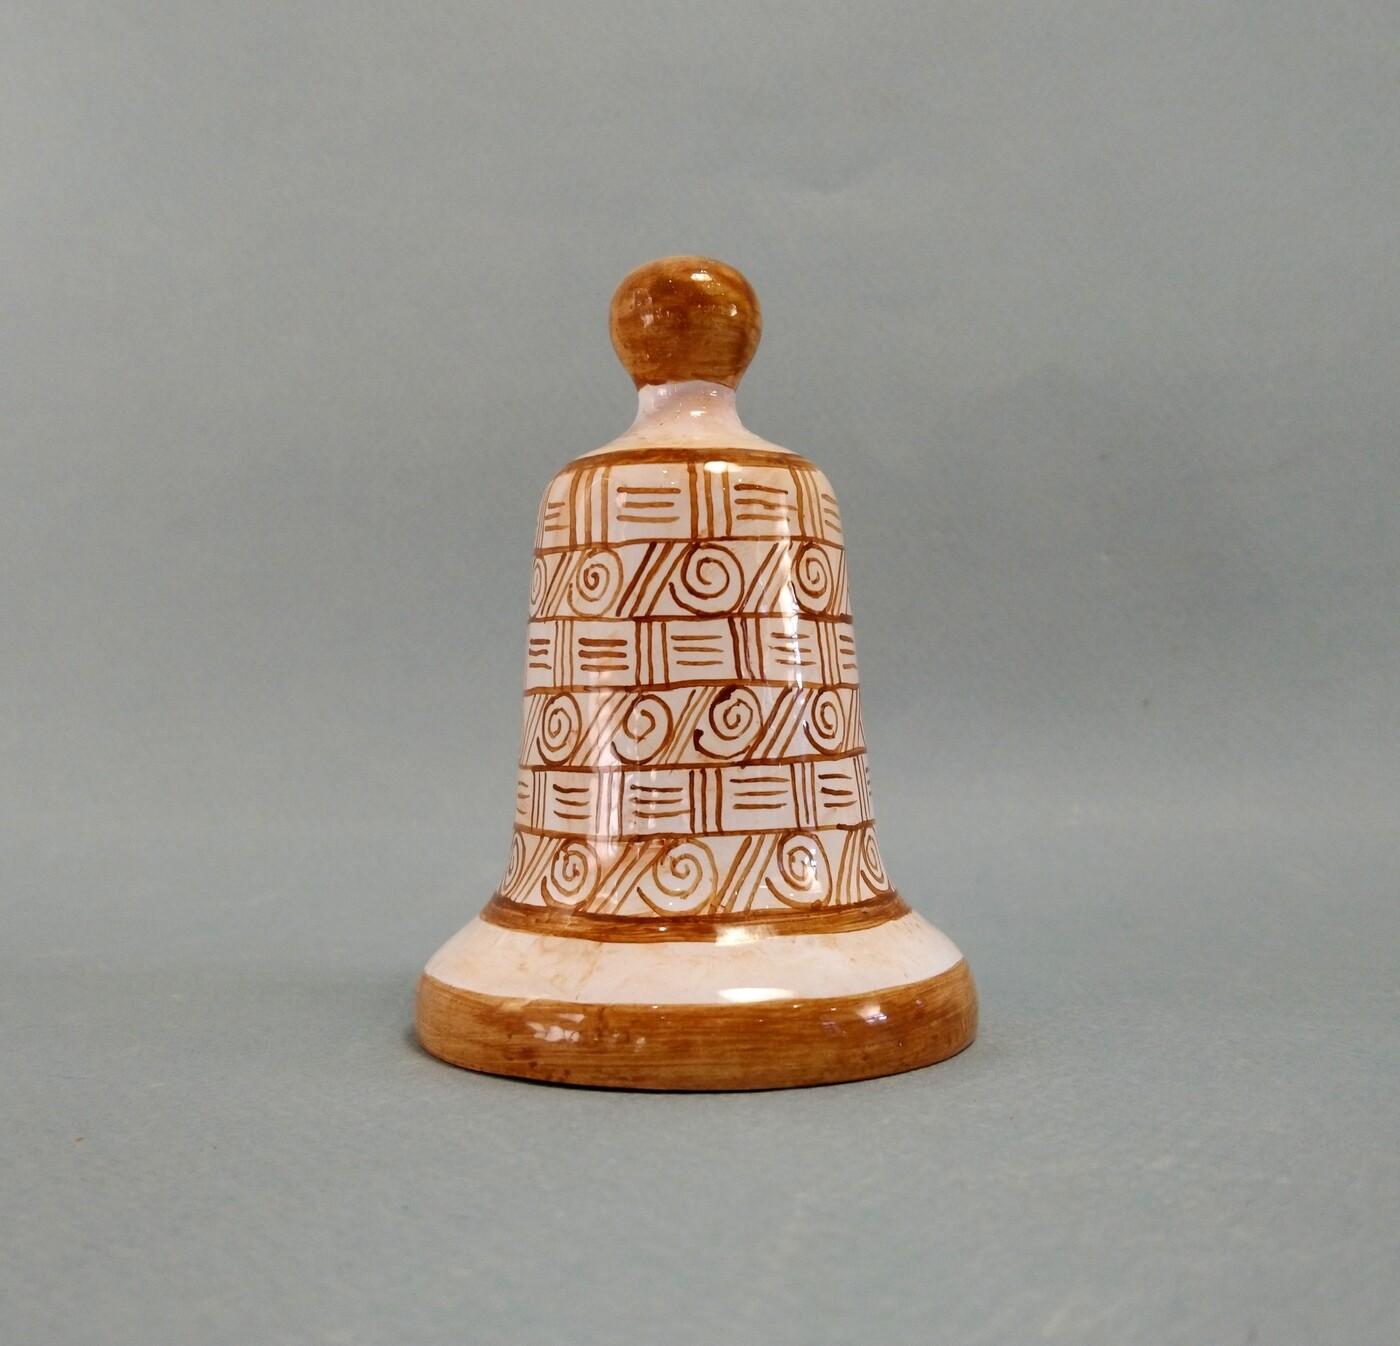 Колокольчик  Керамика (ручная работа). 9,5см.